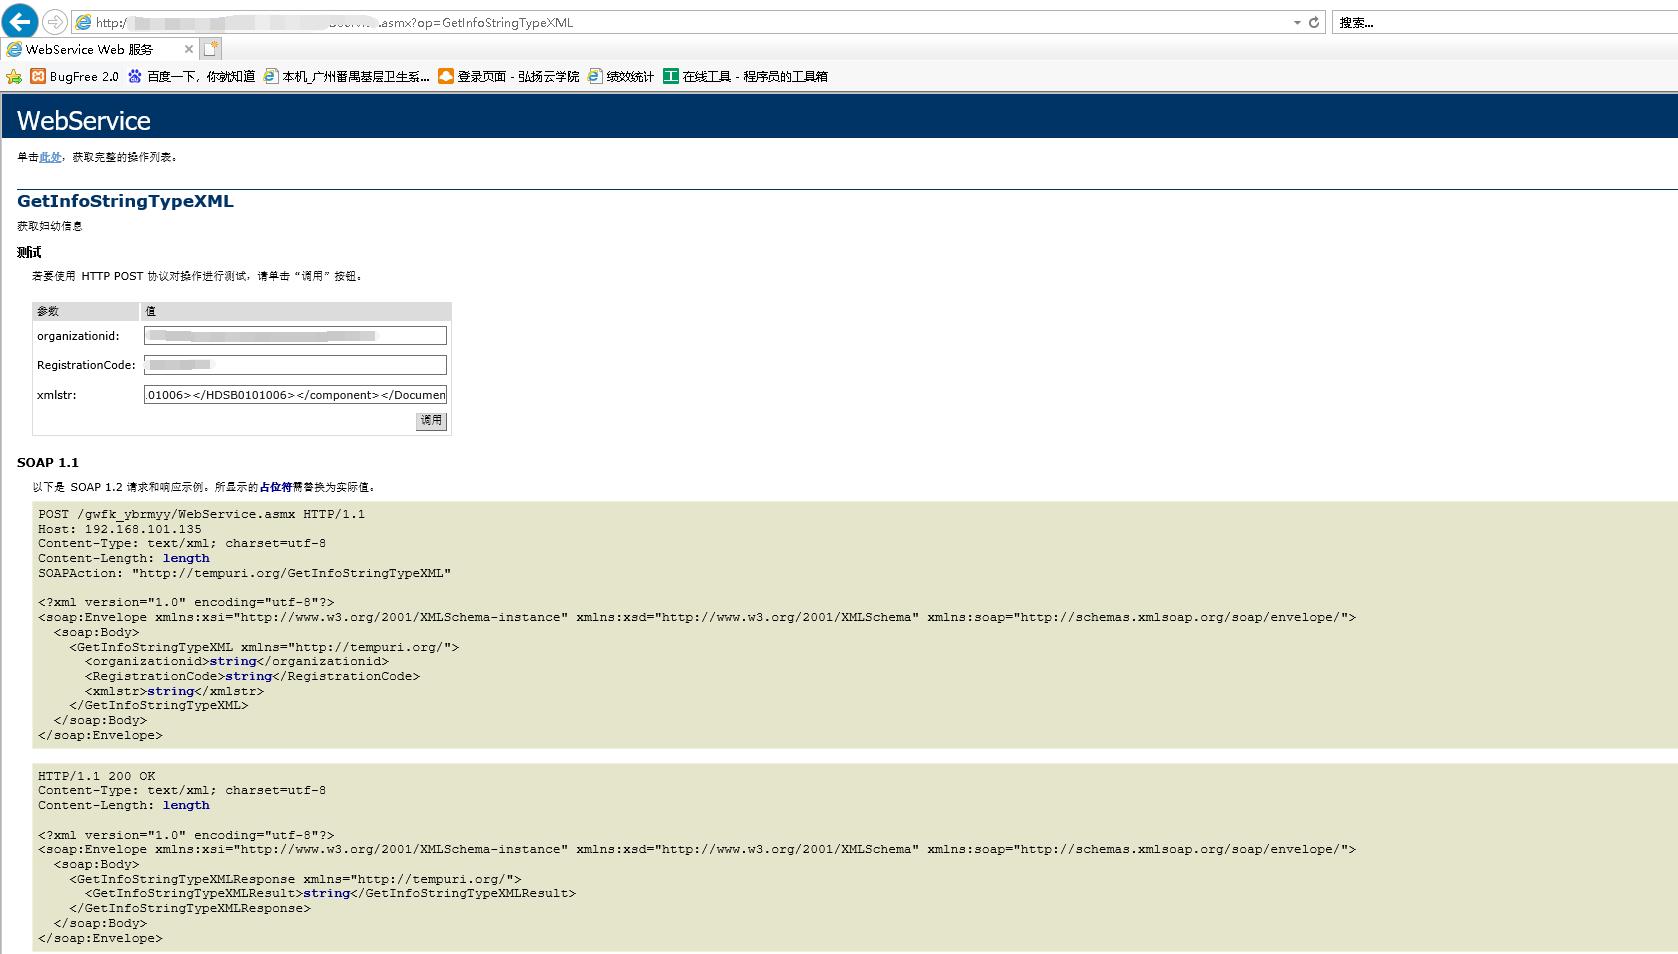 第一次使用api post如何请求webservices